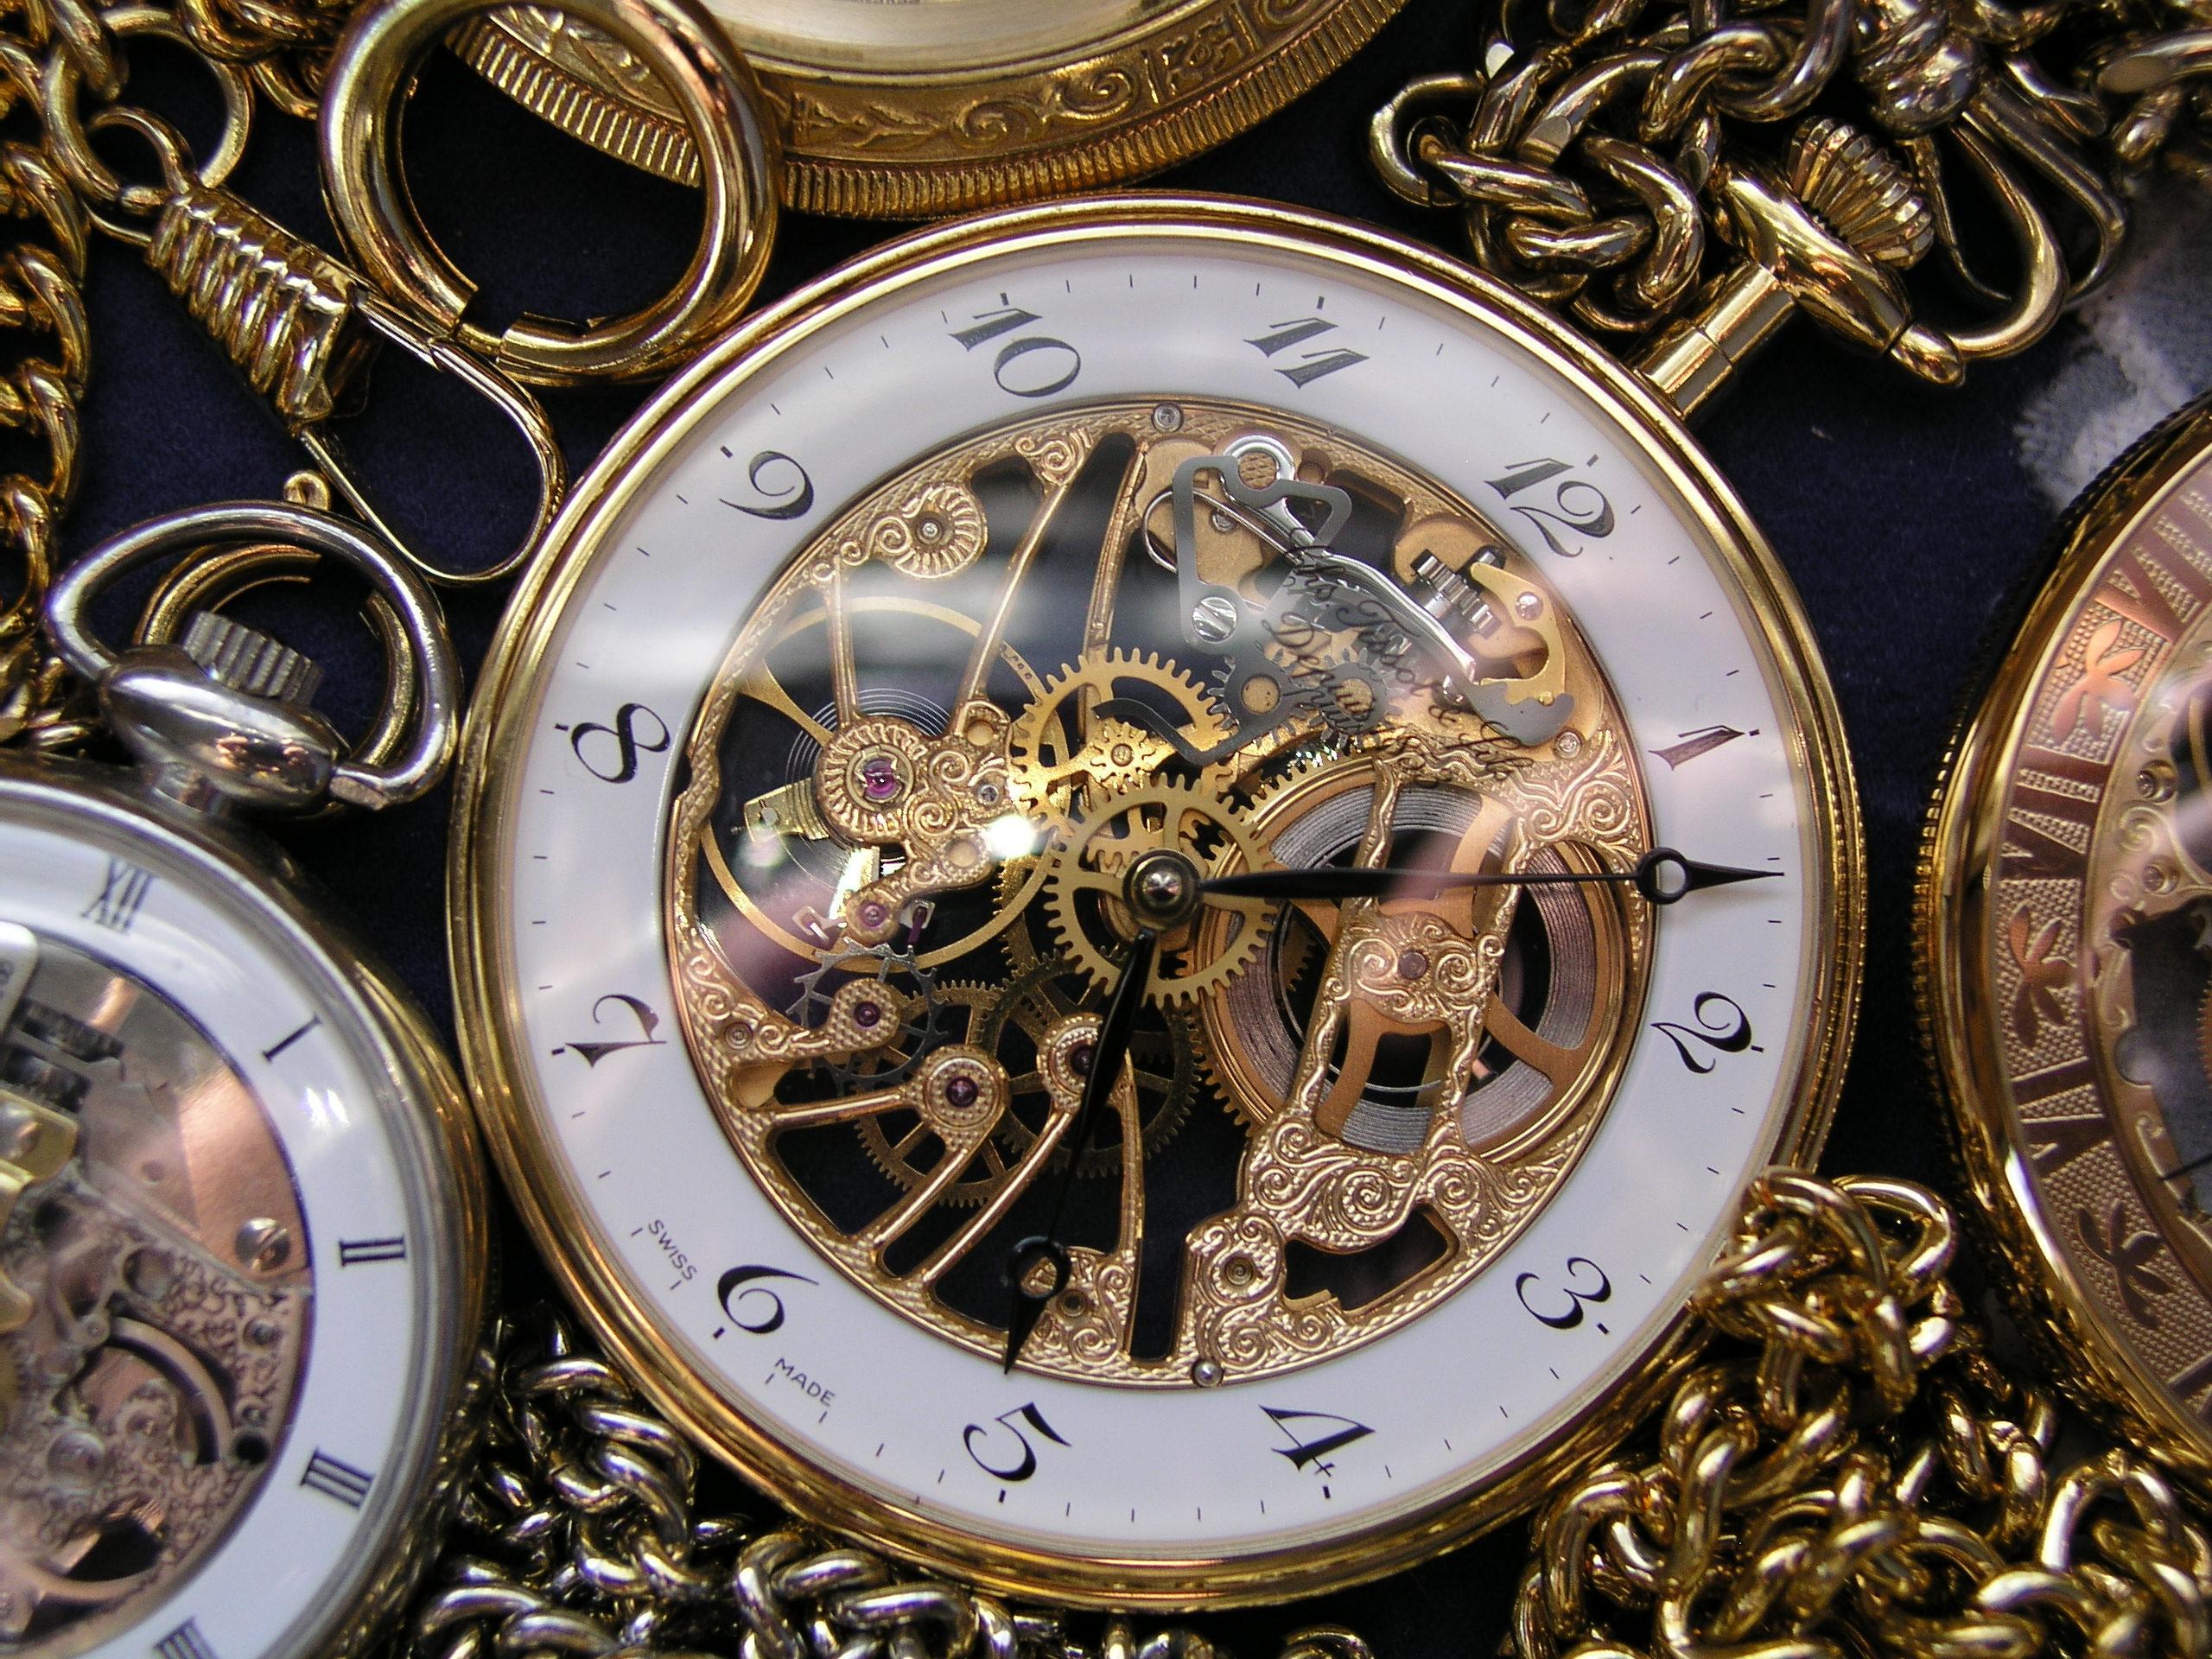 1428951 49150650 - Bůh a čas